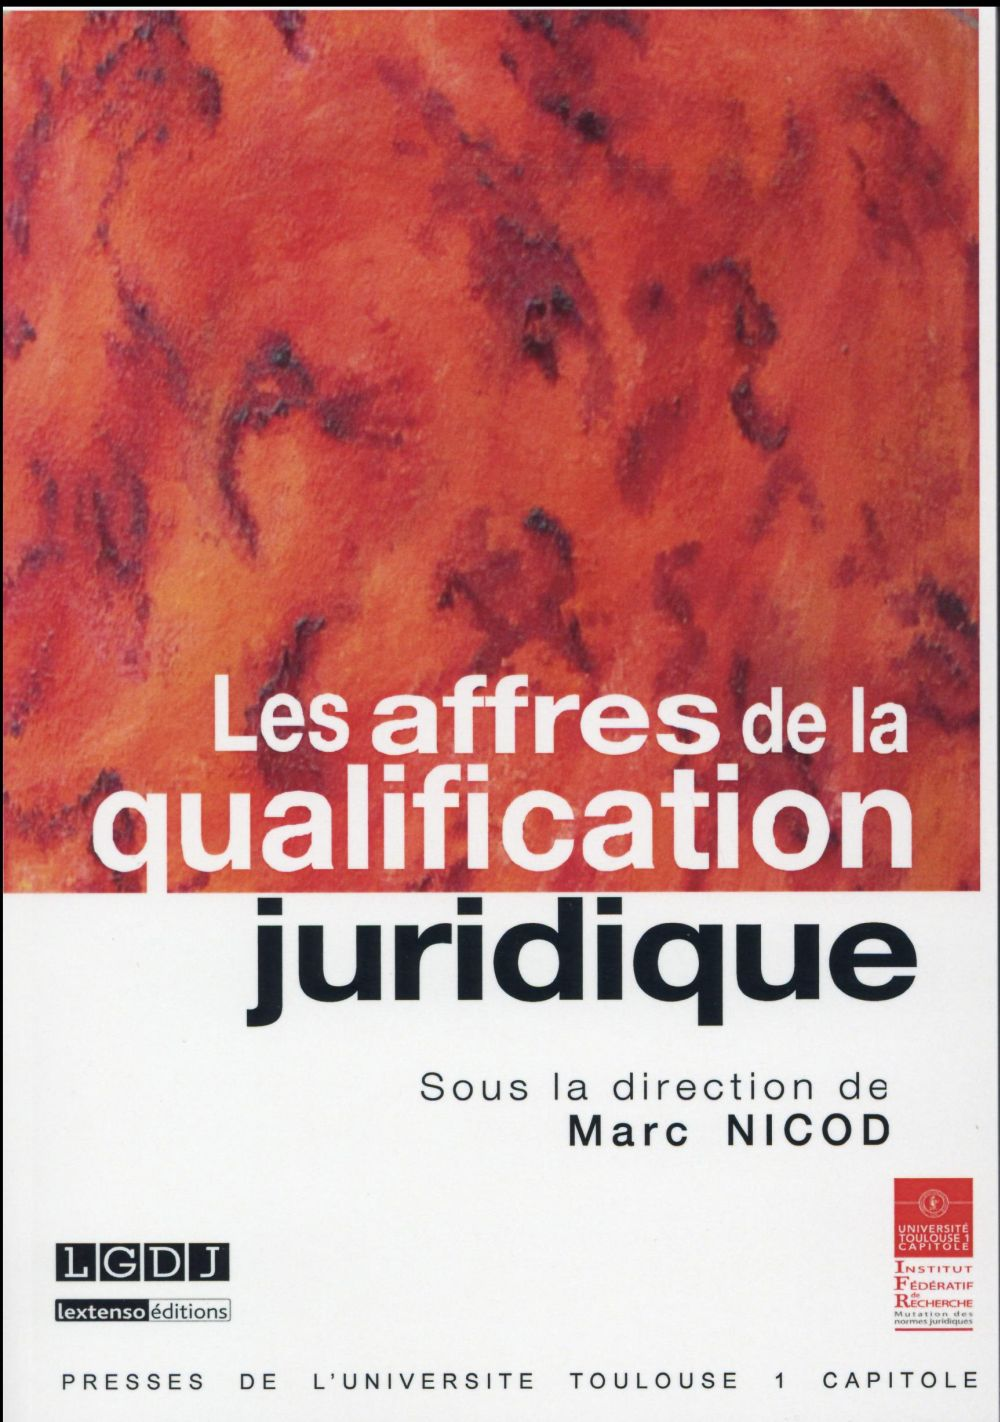 Les affres de la qualification juridique